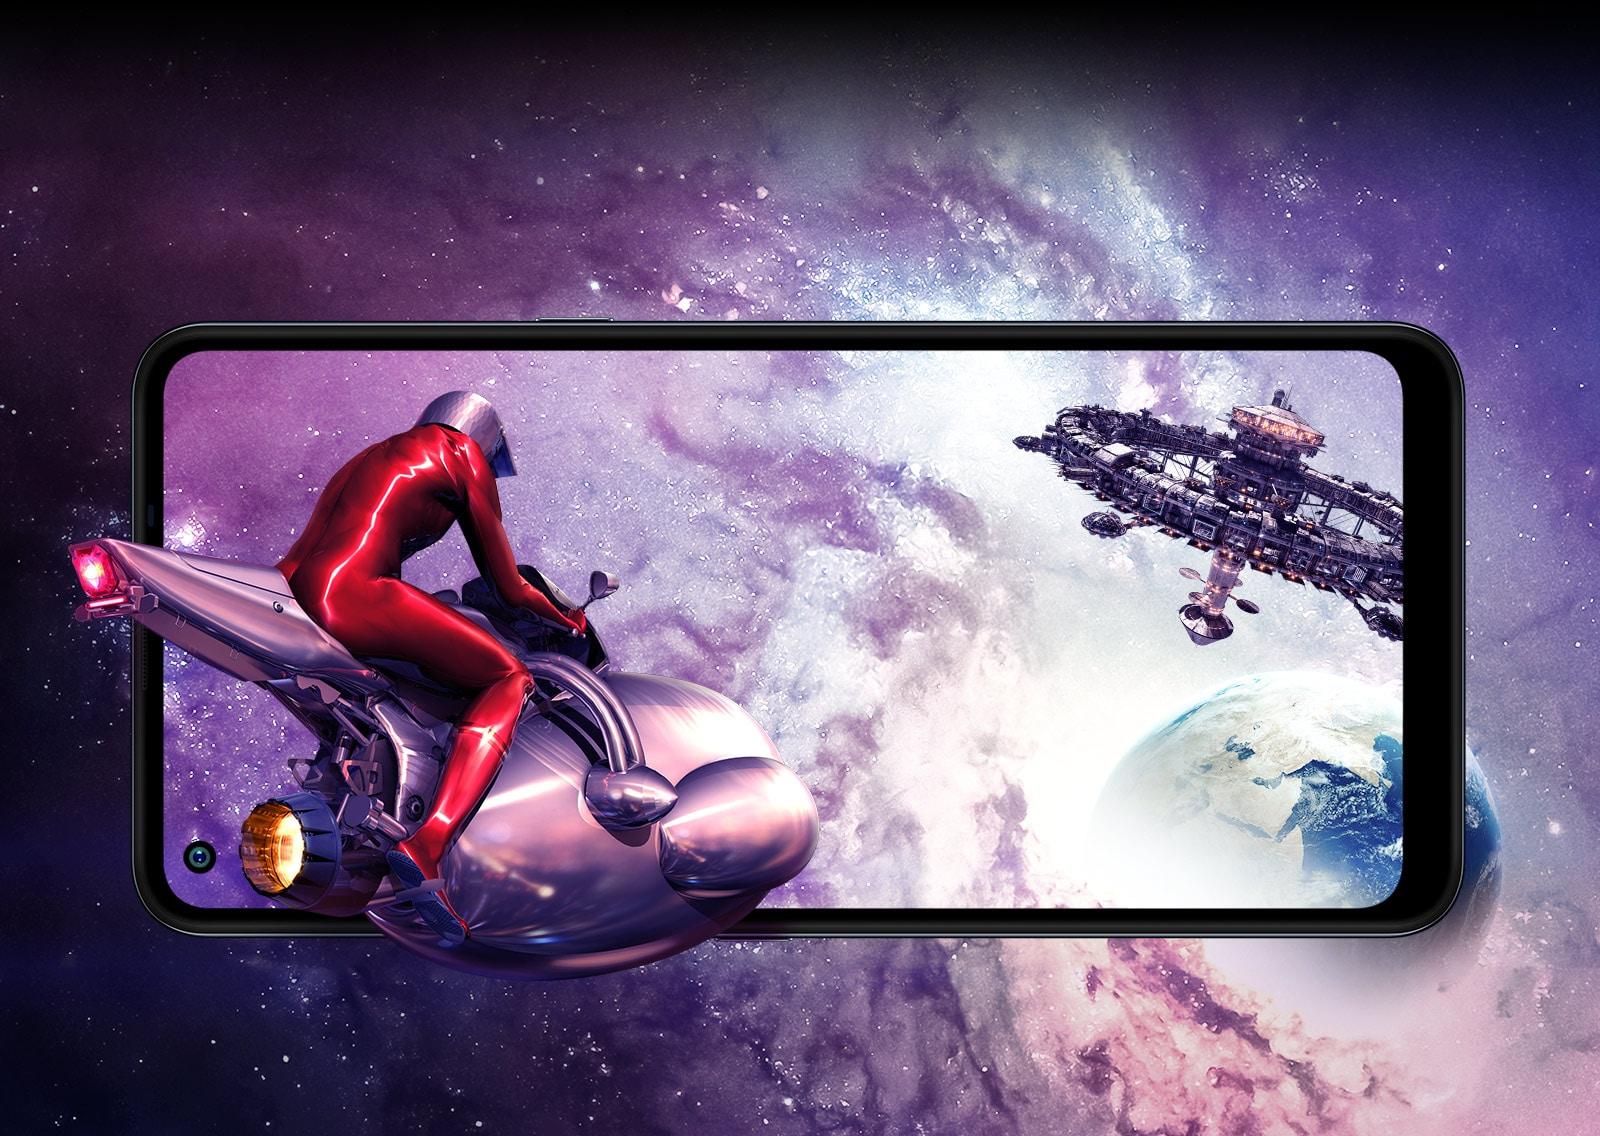 Mężczyzna w statku kosmicznym lecący do stacji kosmicznej